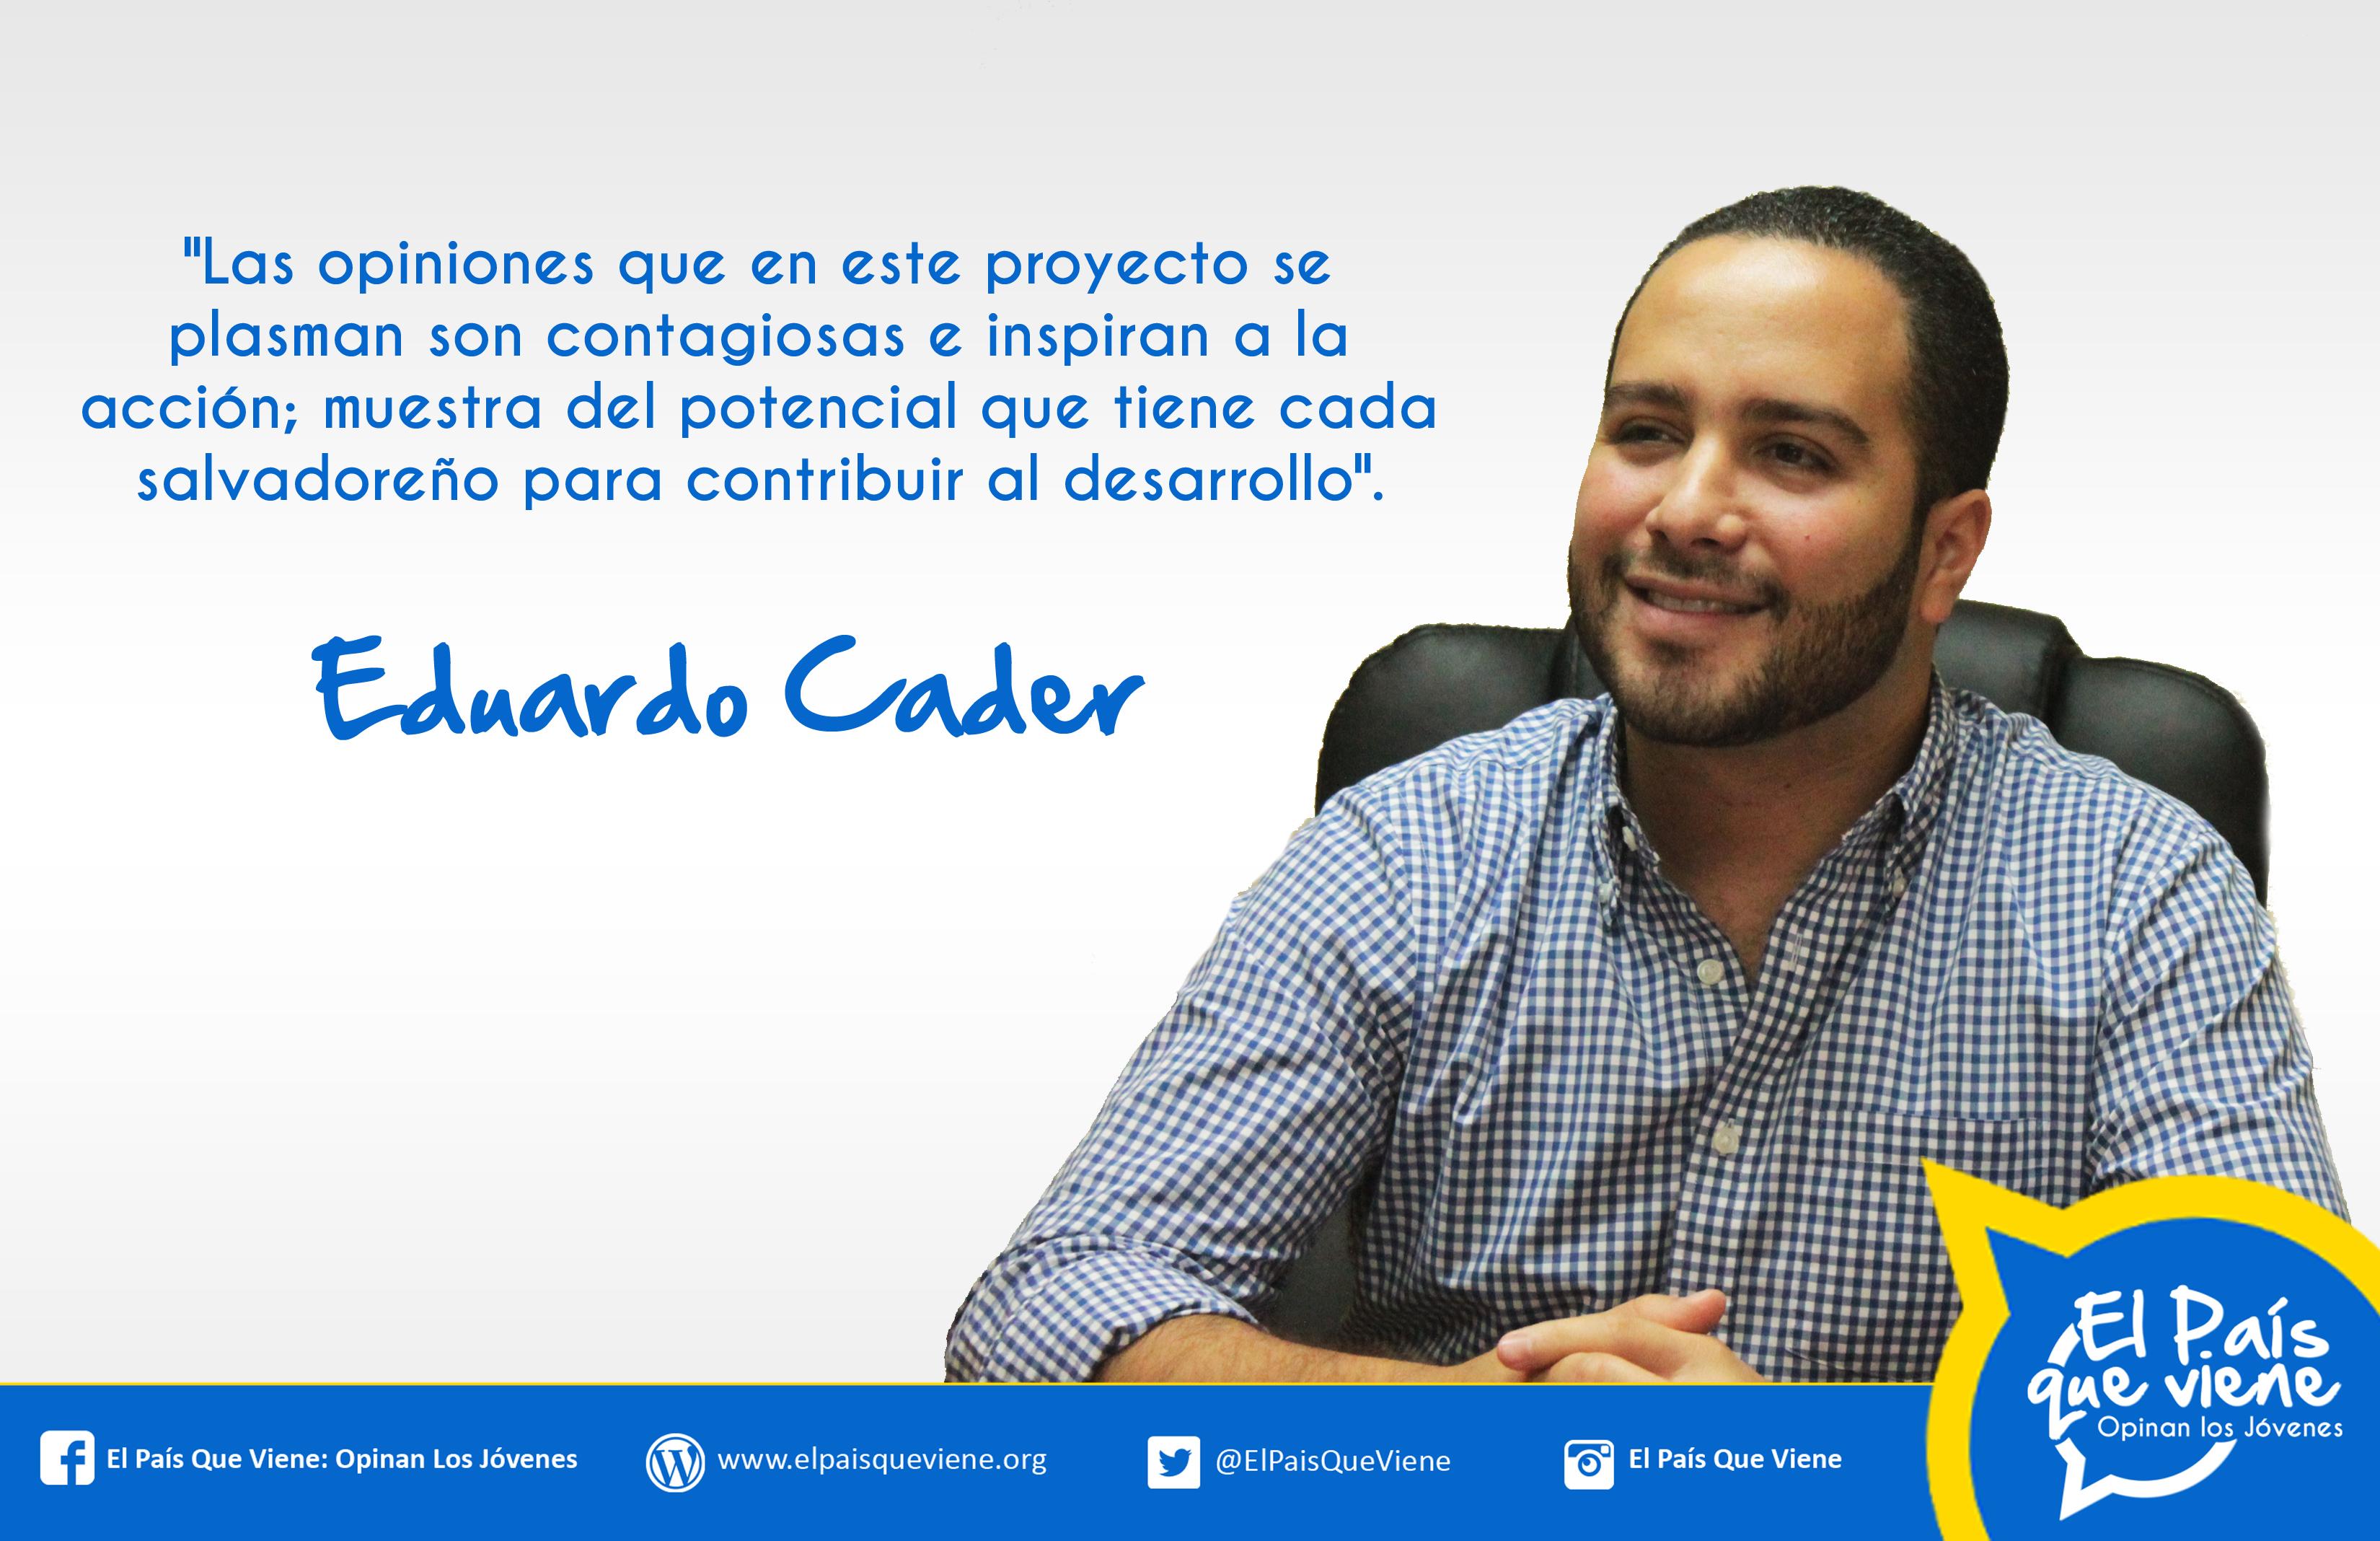 Eduardo Cader